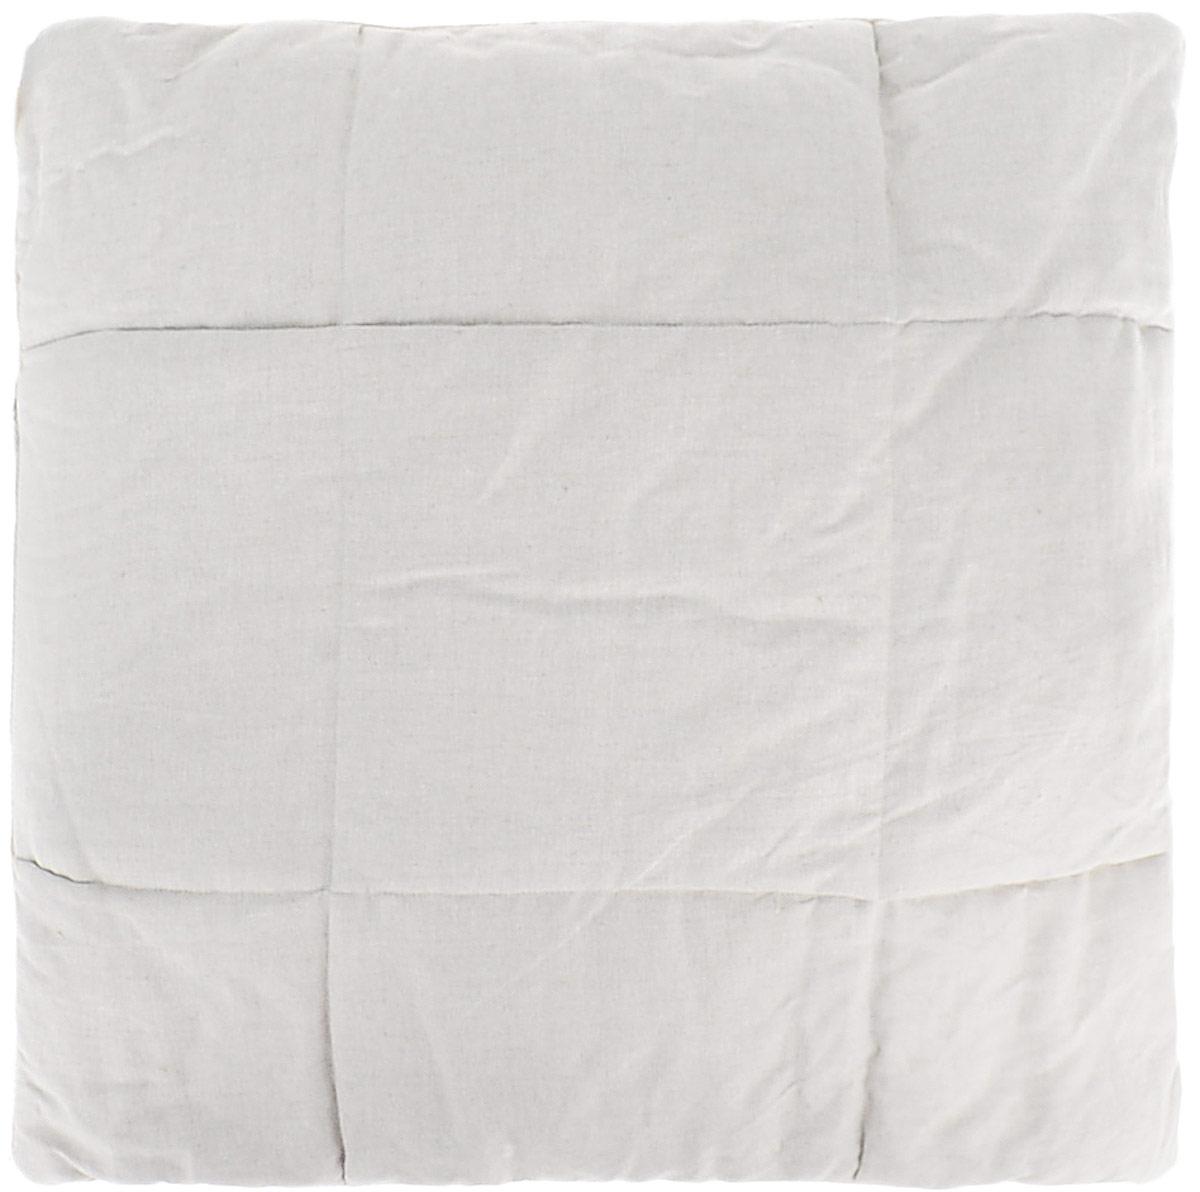 Подушка Bio-Textiles Полезный сон, наполнитель: лузга гречихи, 70 х 70 см подушки bio textiles подушка здоровый сон с искусственным лебяжьим пухом и овечьим мехом размер 40х40